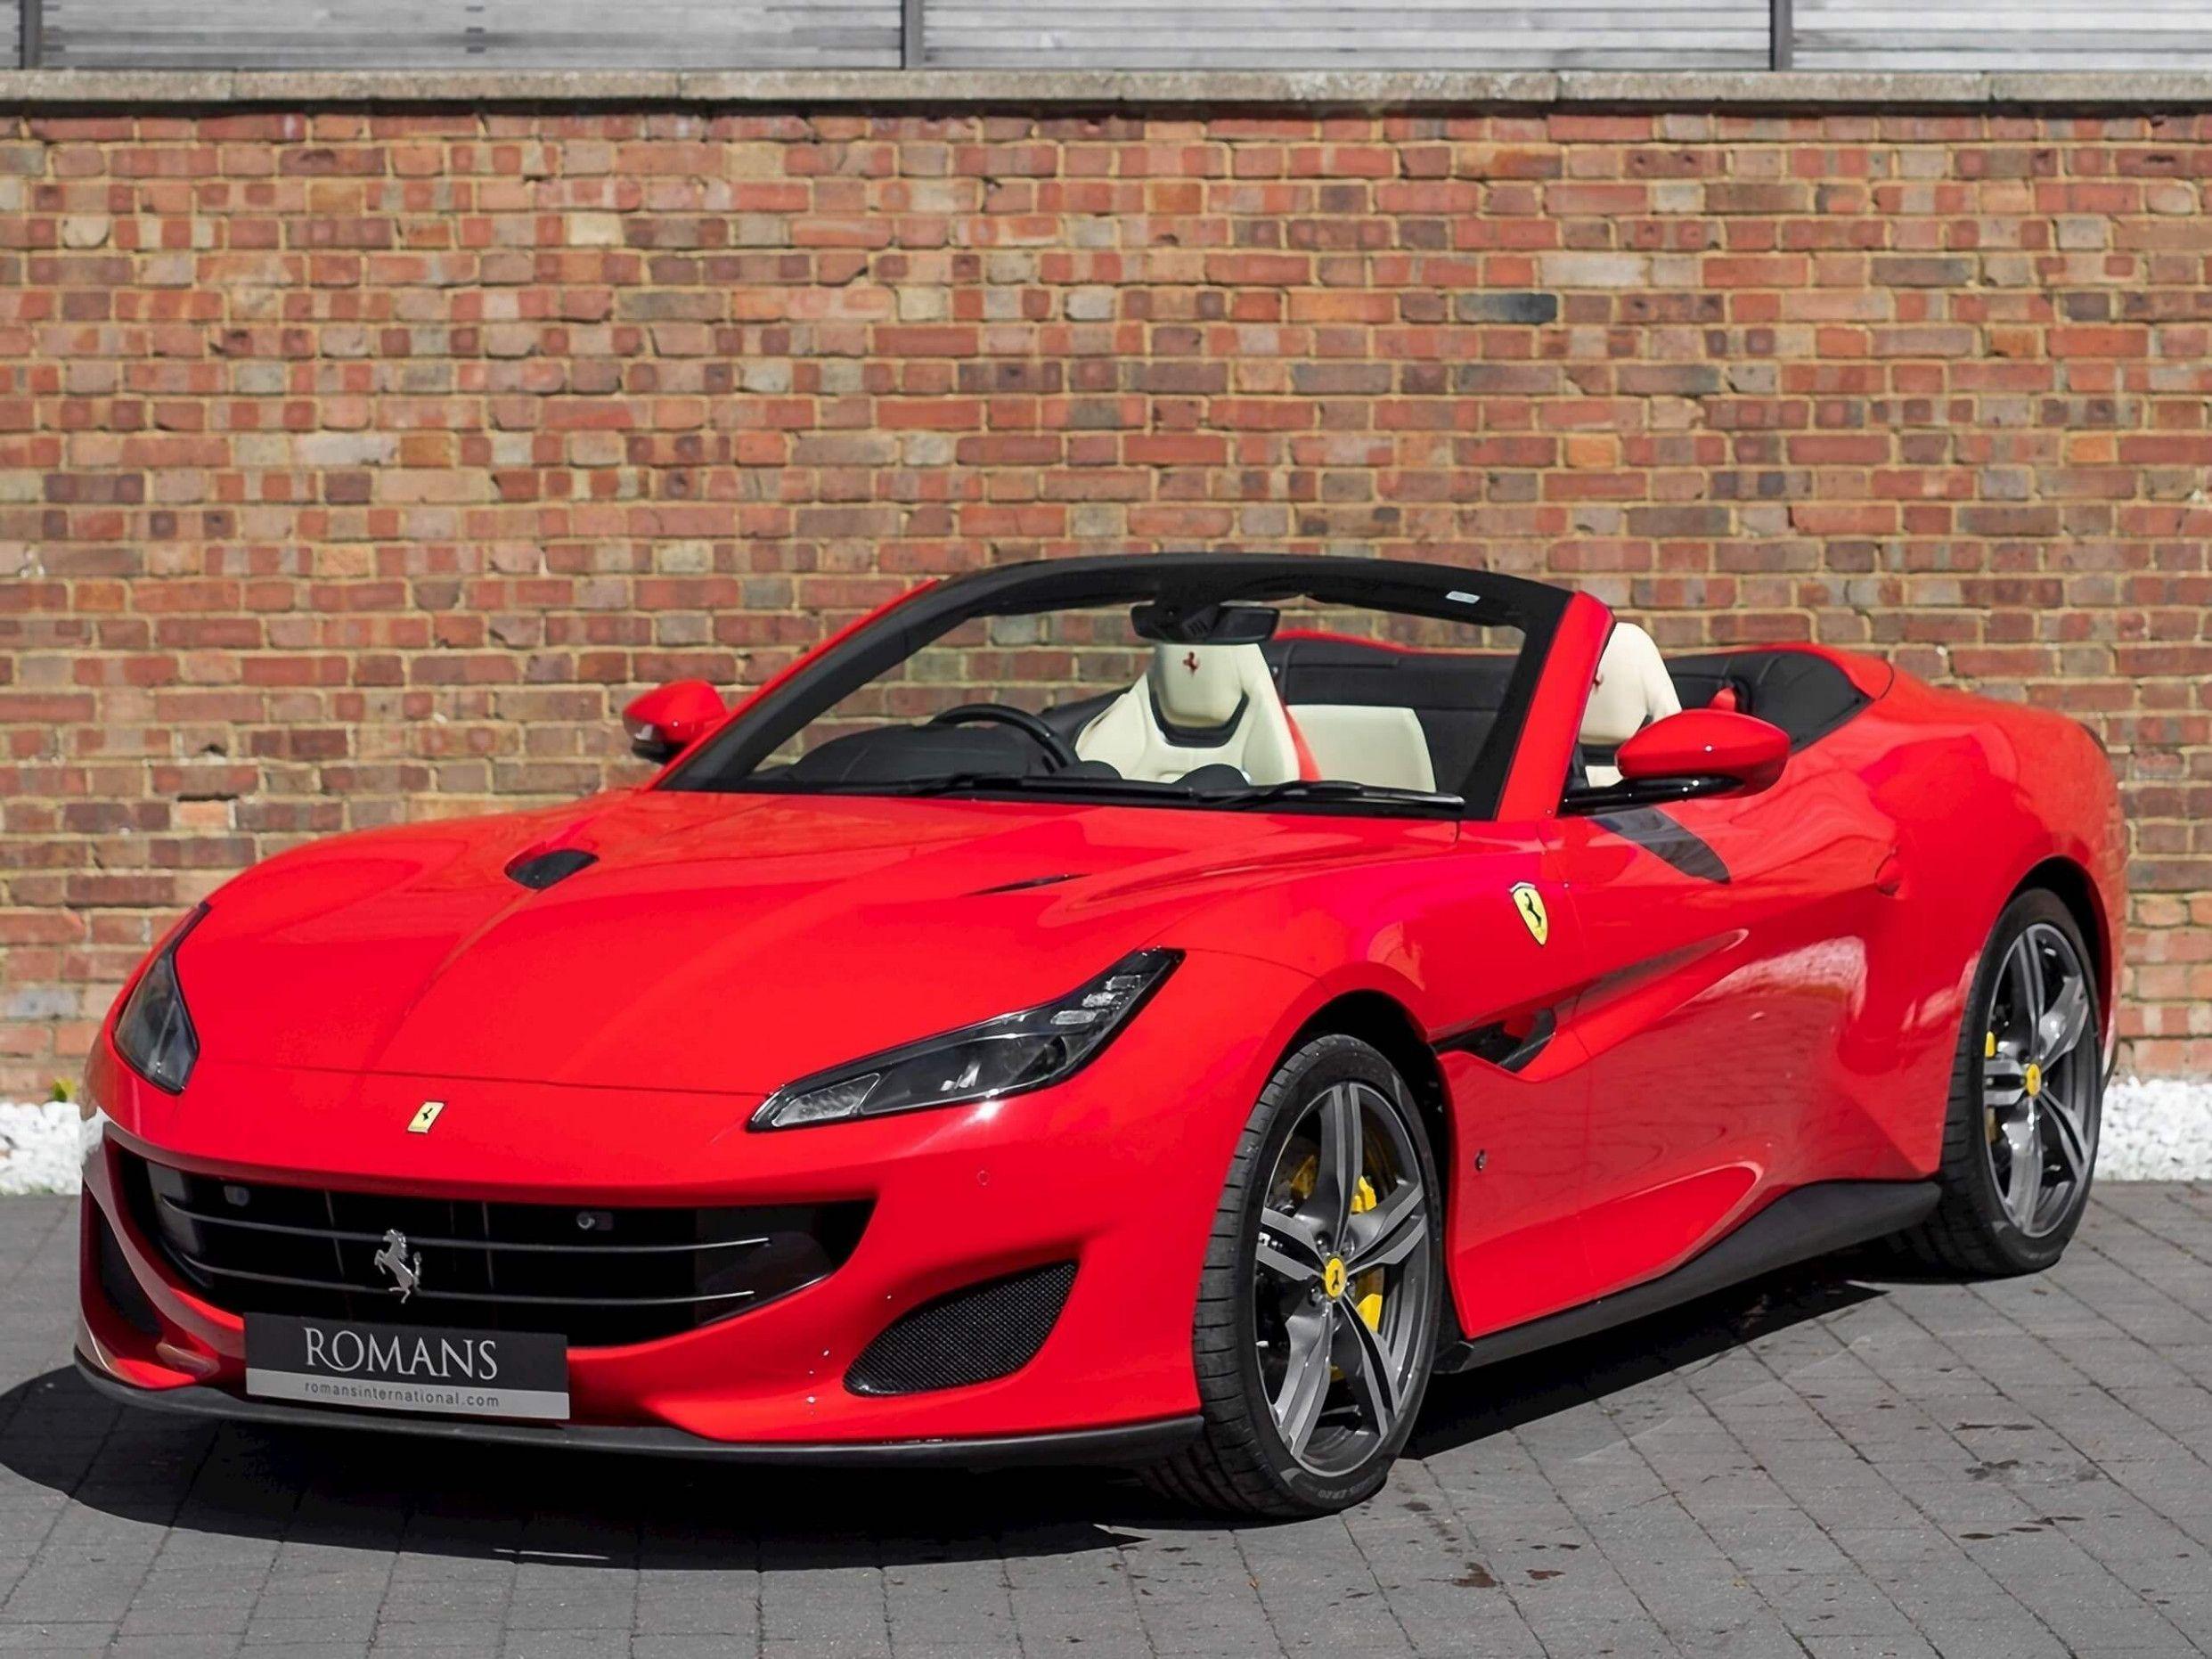 7 Picture Harga Mobil Ferrari 2020 Autos Y Motos Autos Ferrari